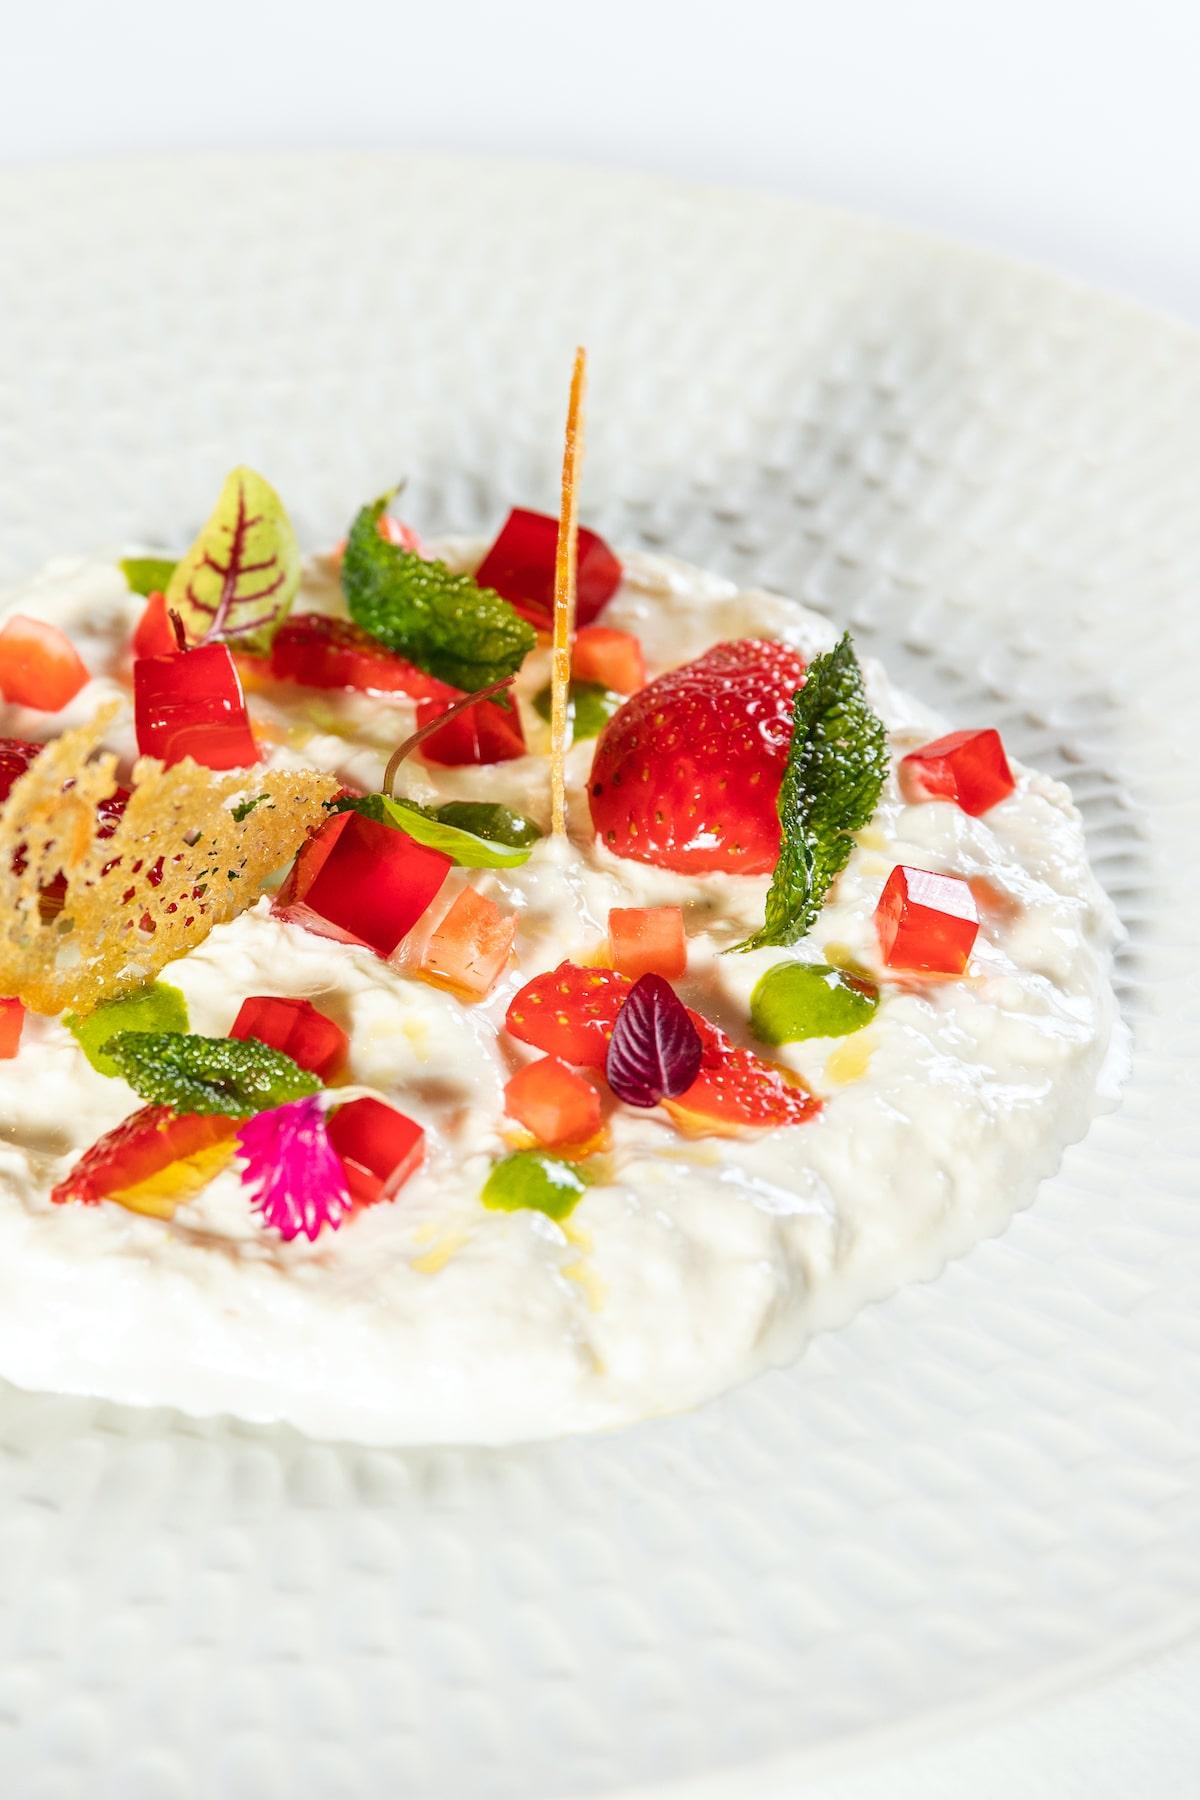 Menú de estrella Michelin en la Casa Vicens de Antoni Gaudí en Airbnb